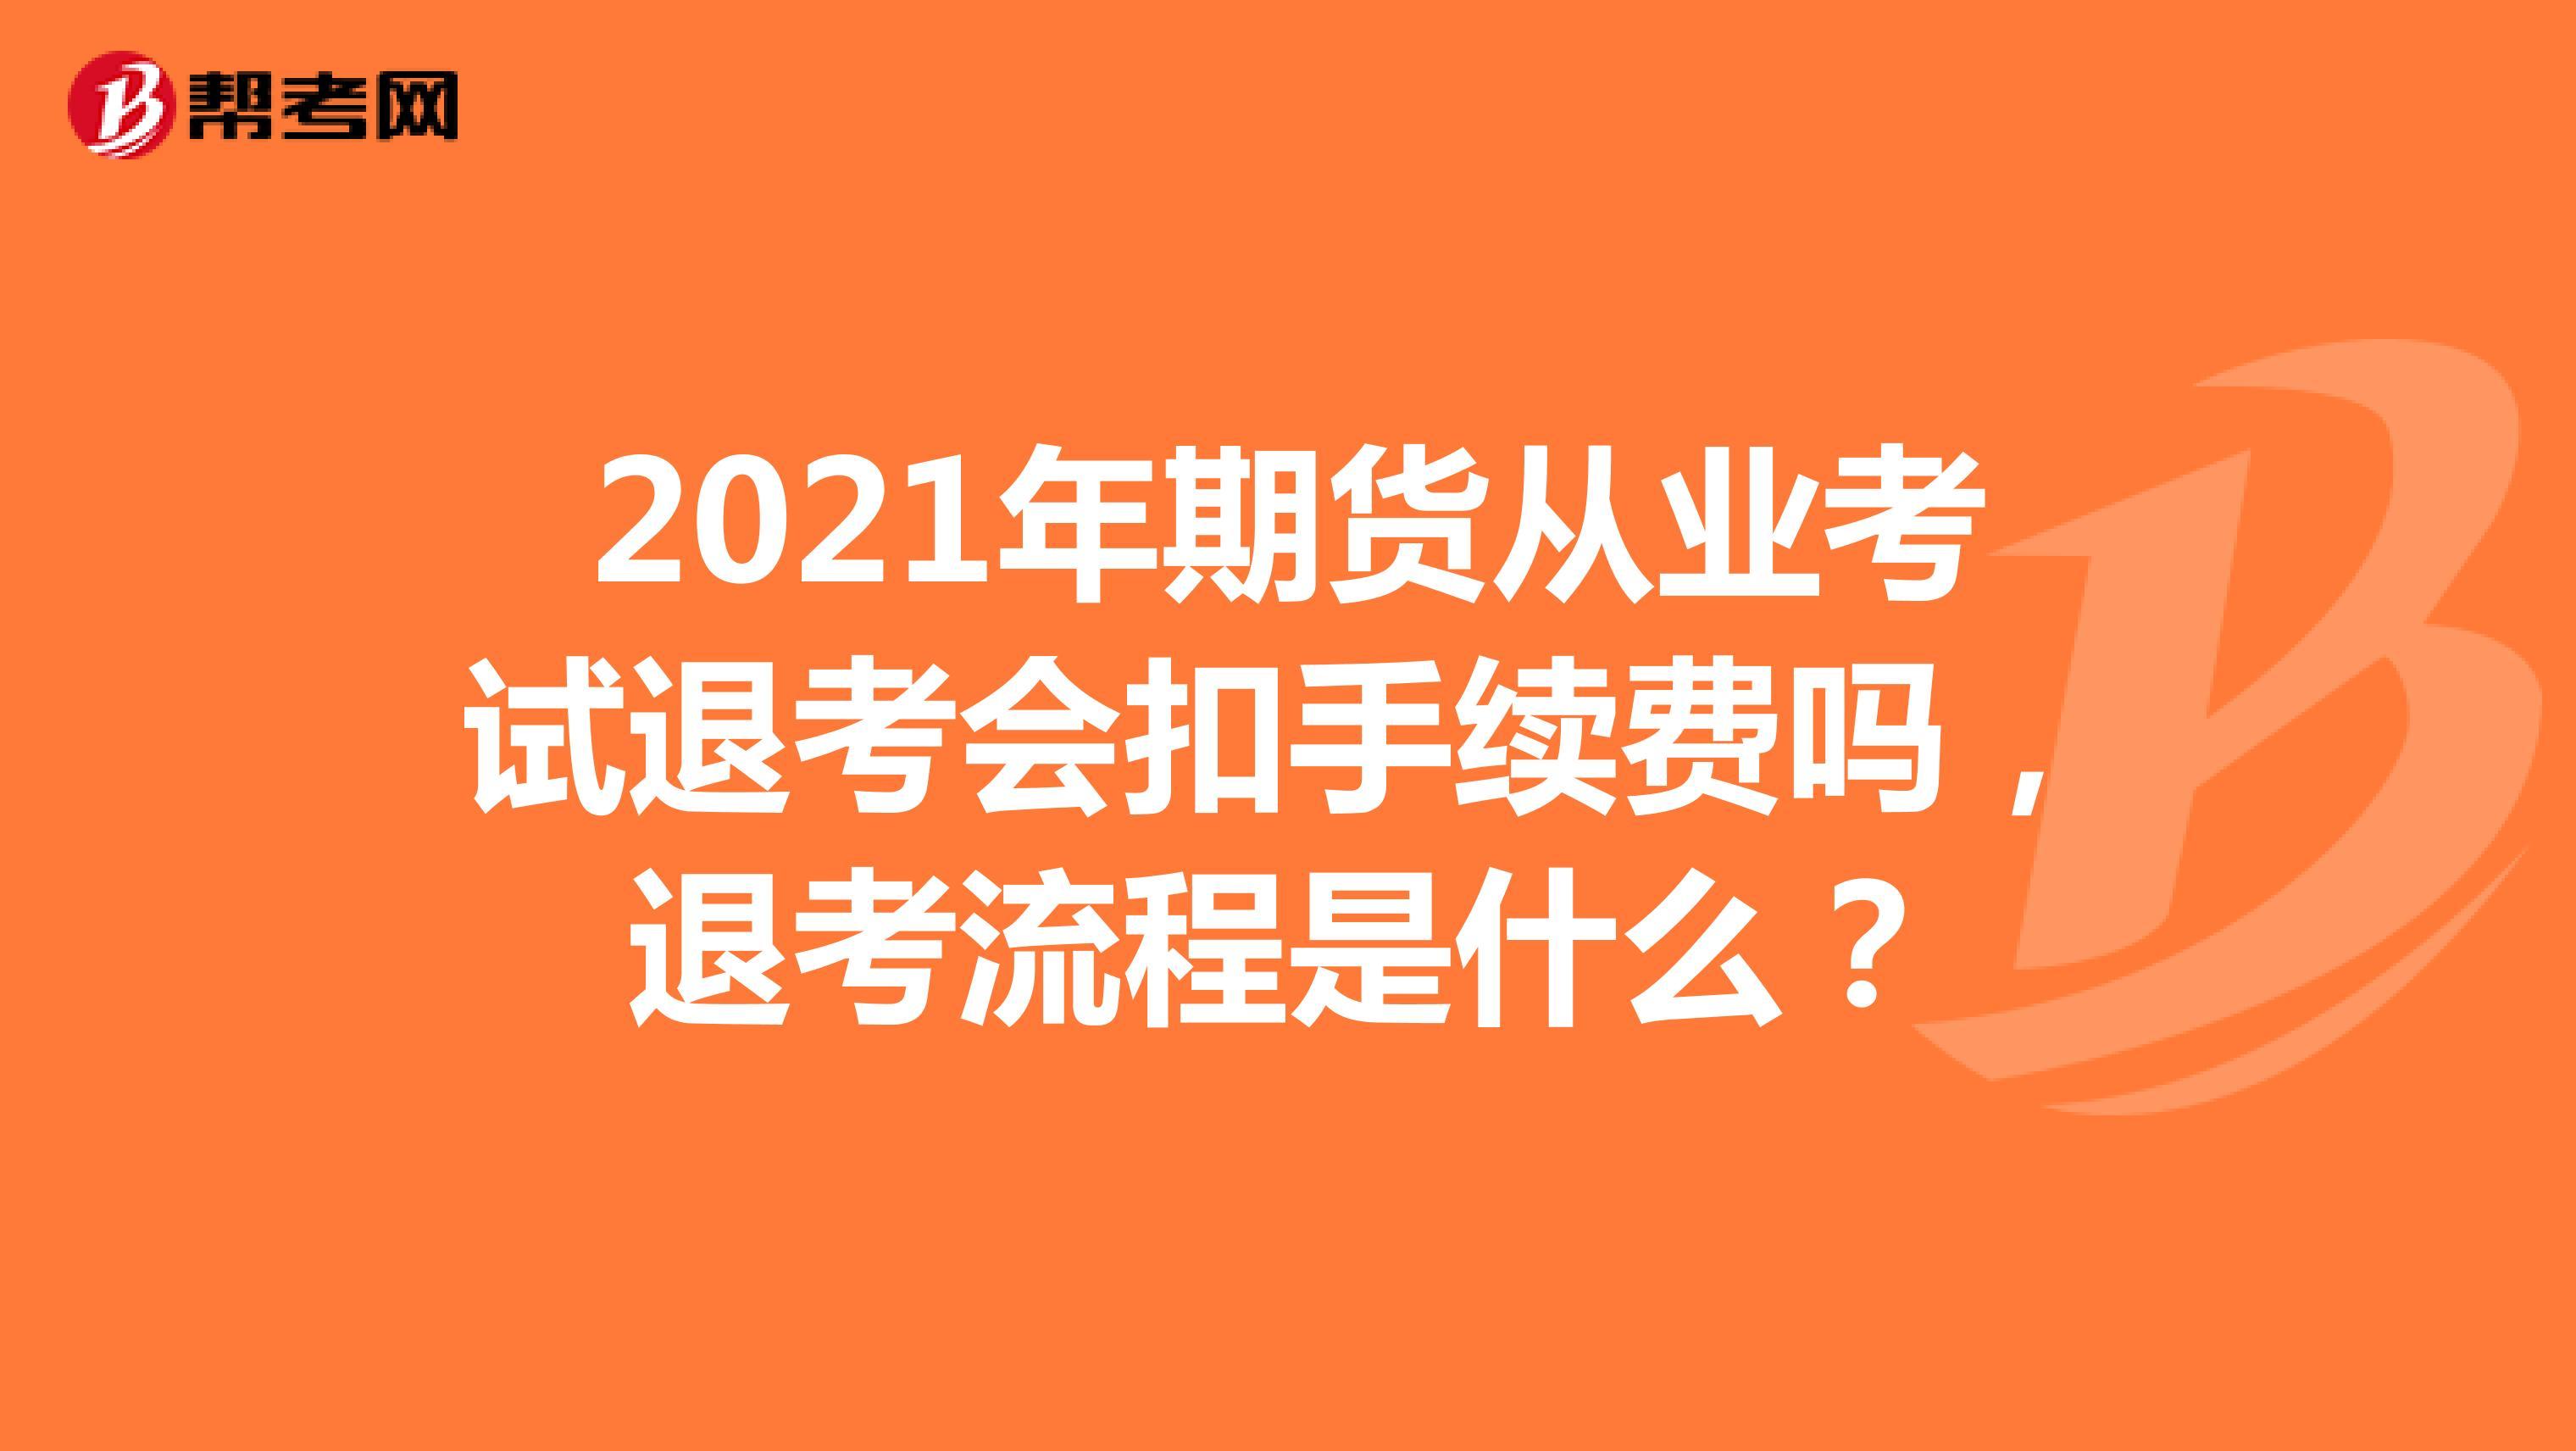 2021年期货从业考试退考会扣手续费吗,退考流程是什么?